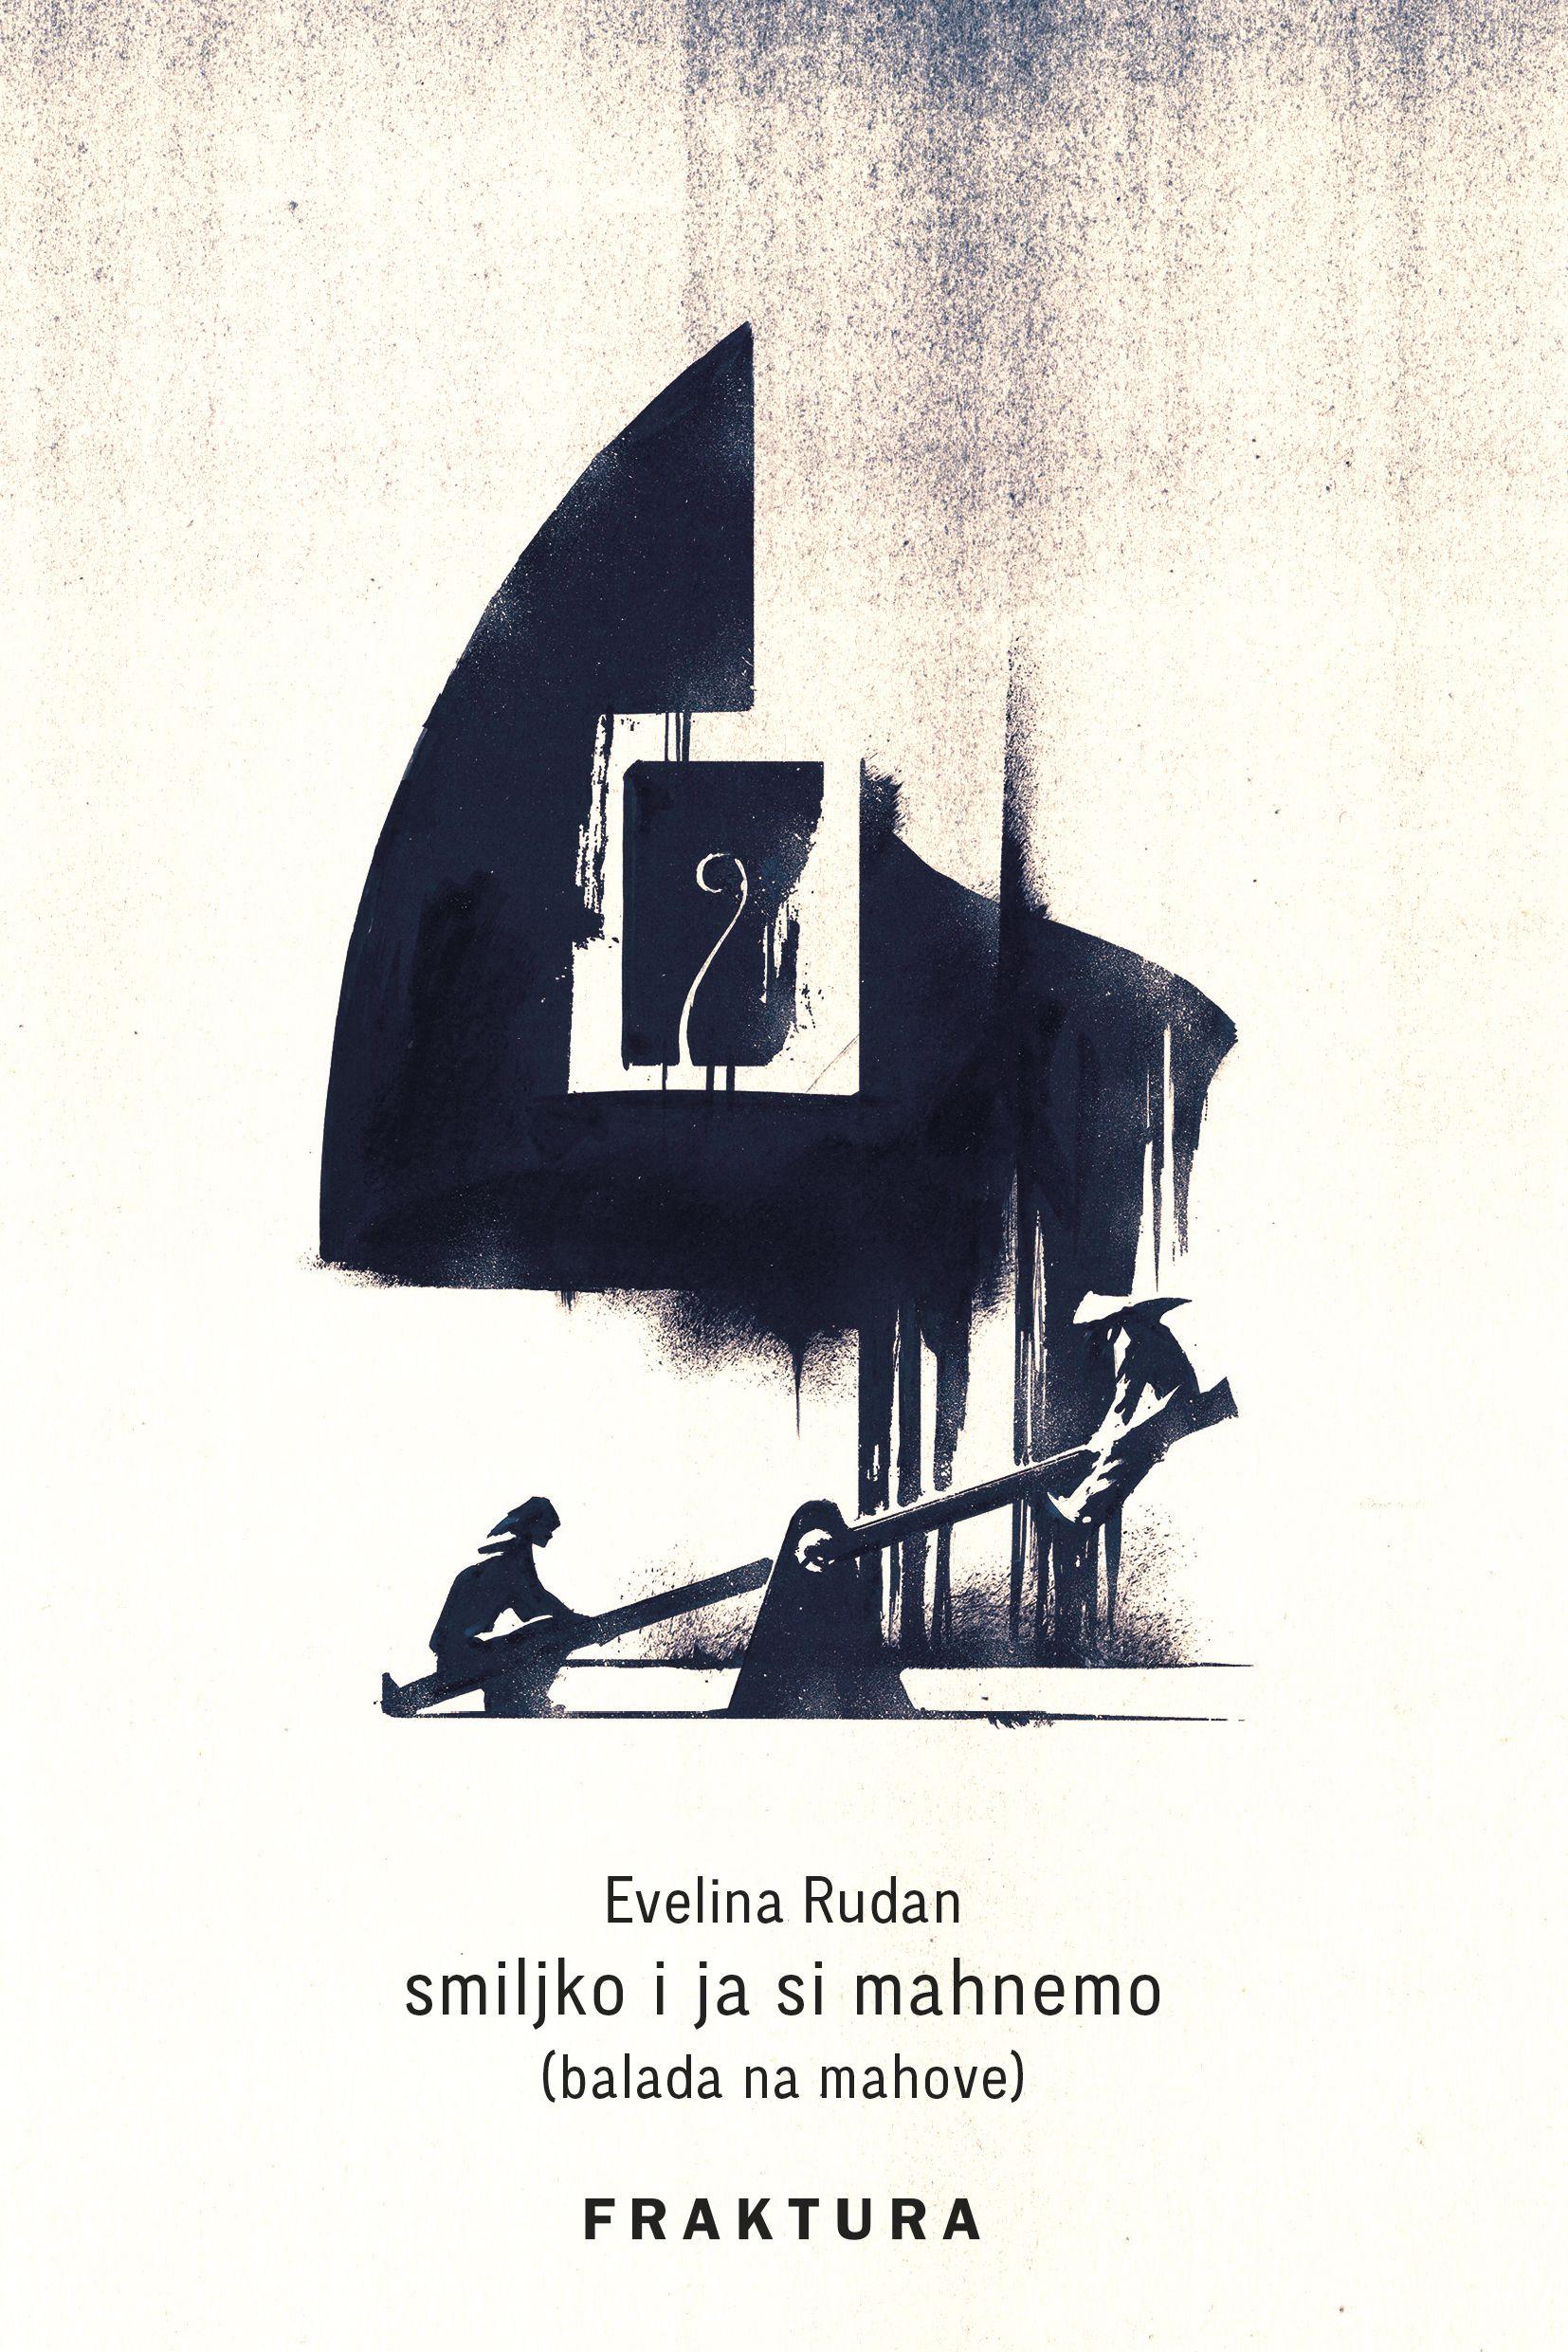 Pjesnički ponedjeljak u Knjižari Fraktura: Smiljko i ja si mahnemo